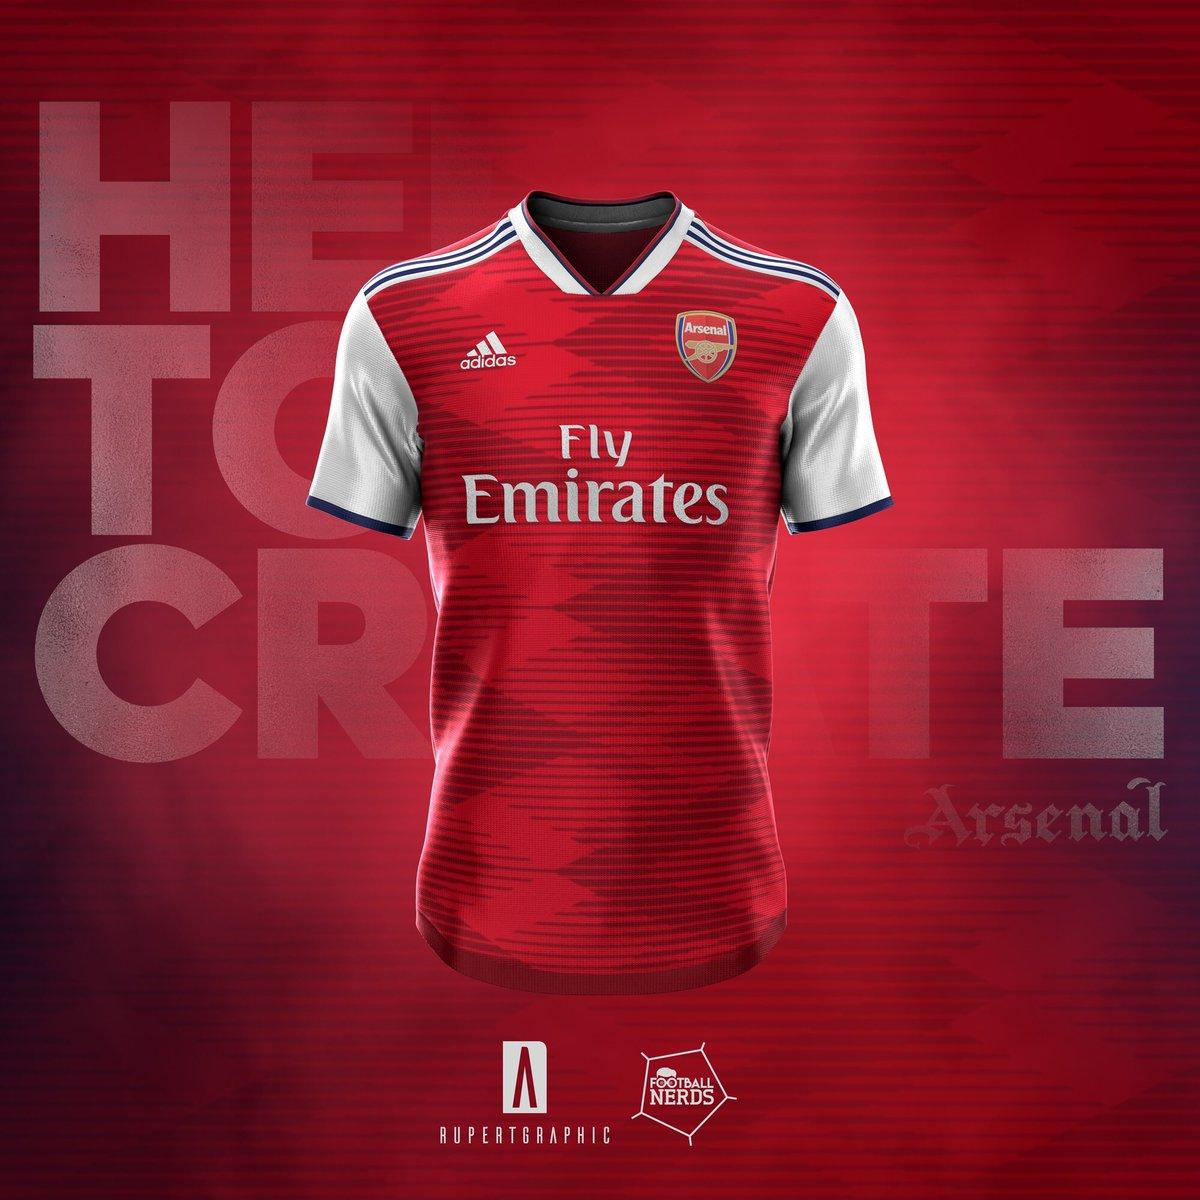 163f188f4e A Classic Football Shirts possui a maior coleção de camisas internacionais  de futebol. A loja faz entregas no mundo todo e usando o cupom